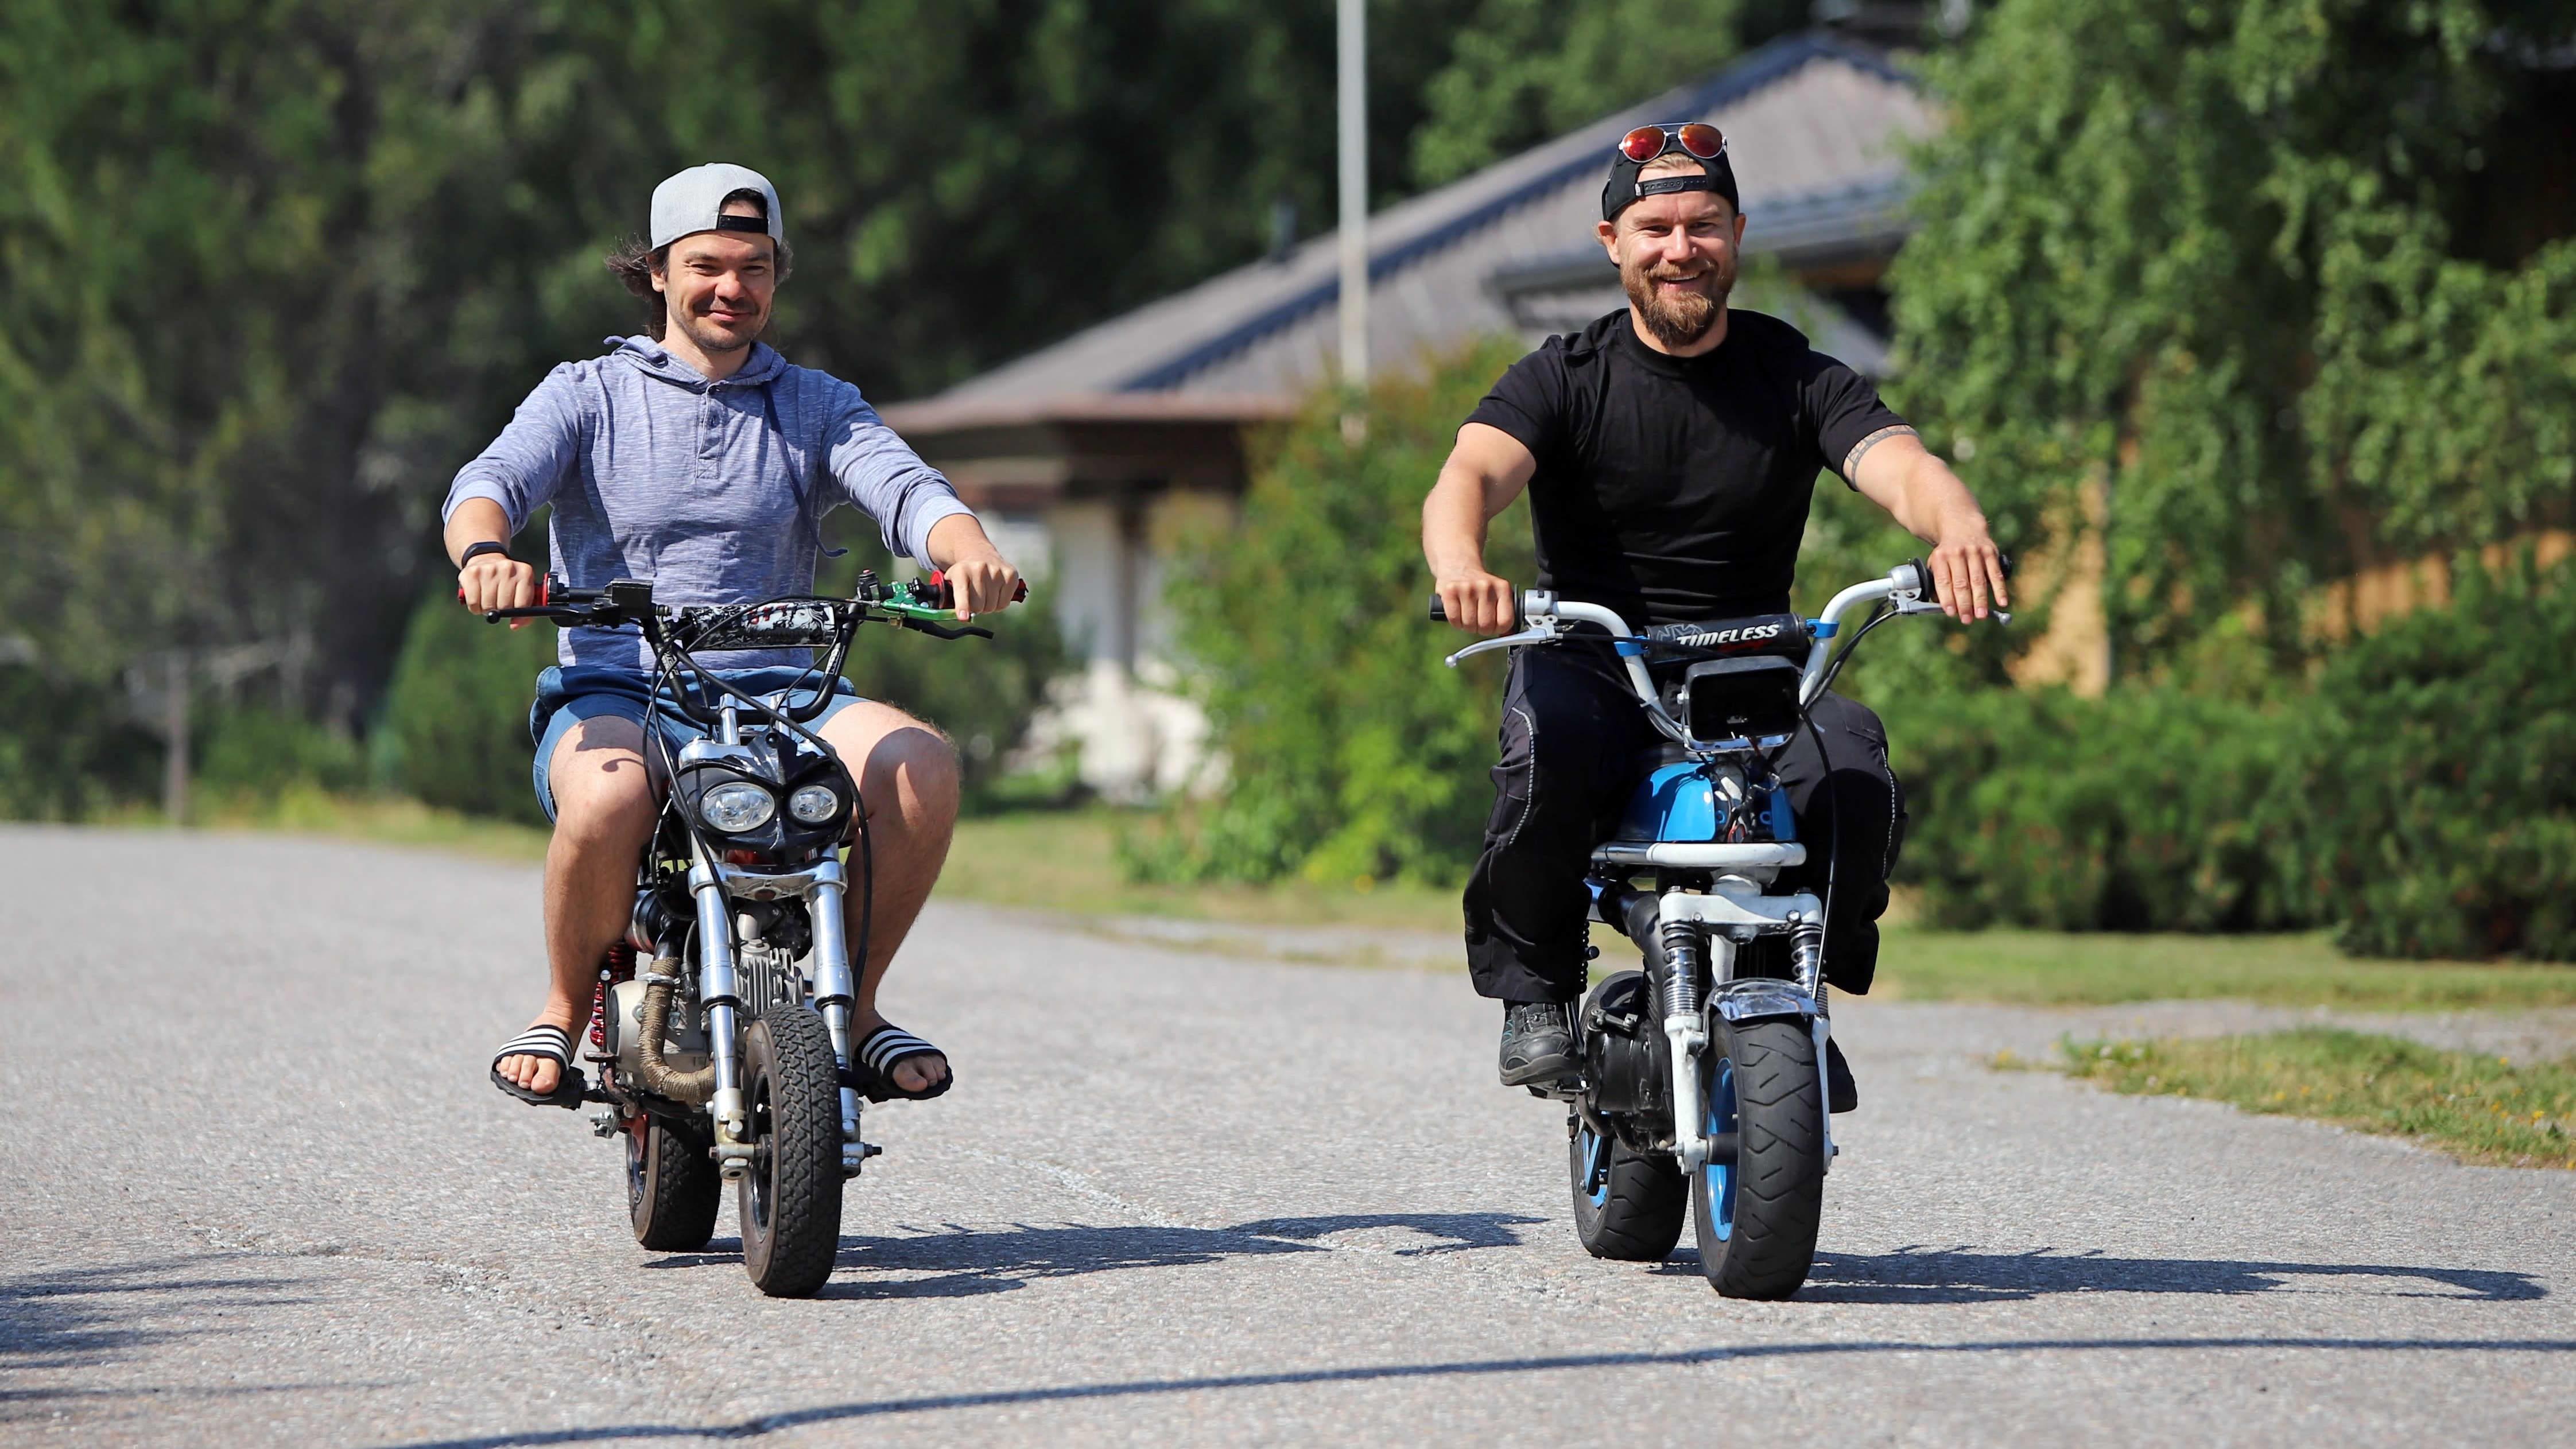 Biisonimafian Kai Rinkinen ja Janne Kaperi ajavat mopoilla.